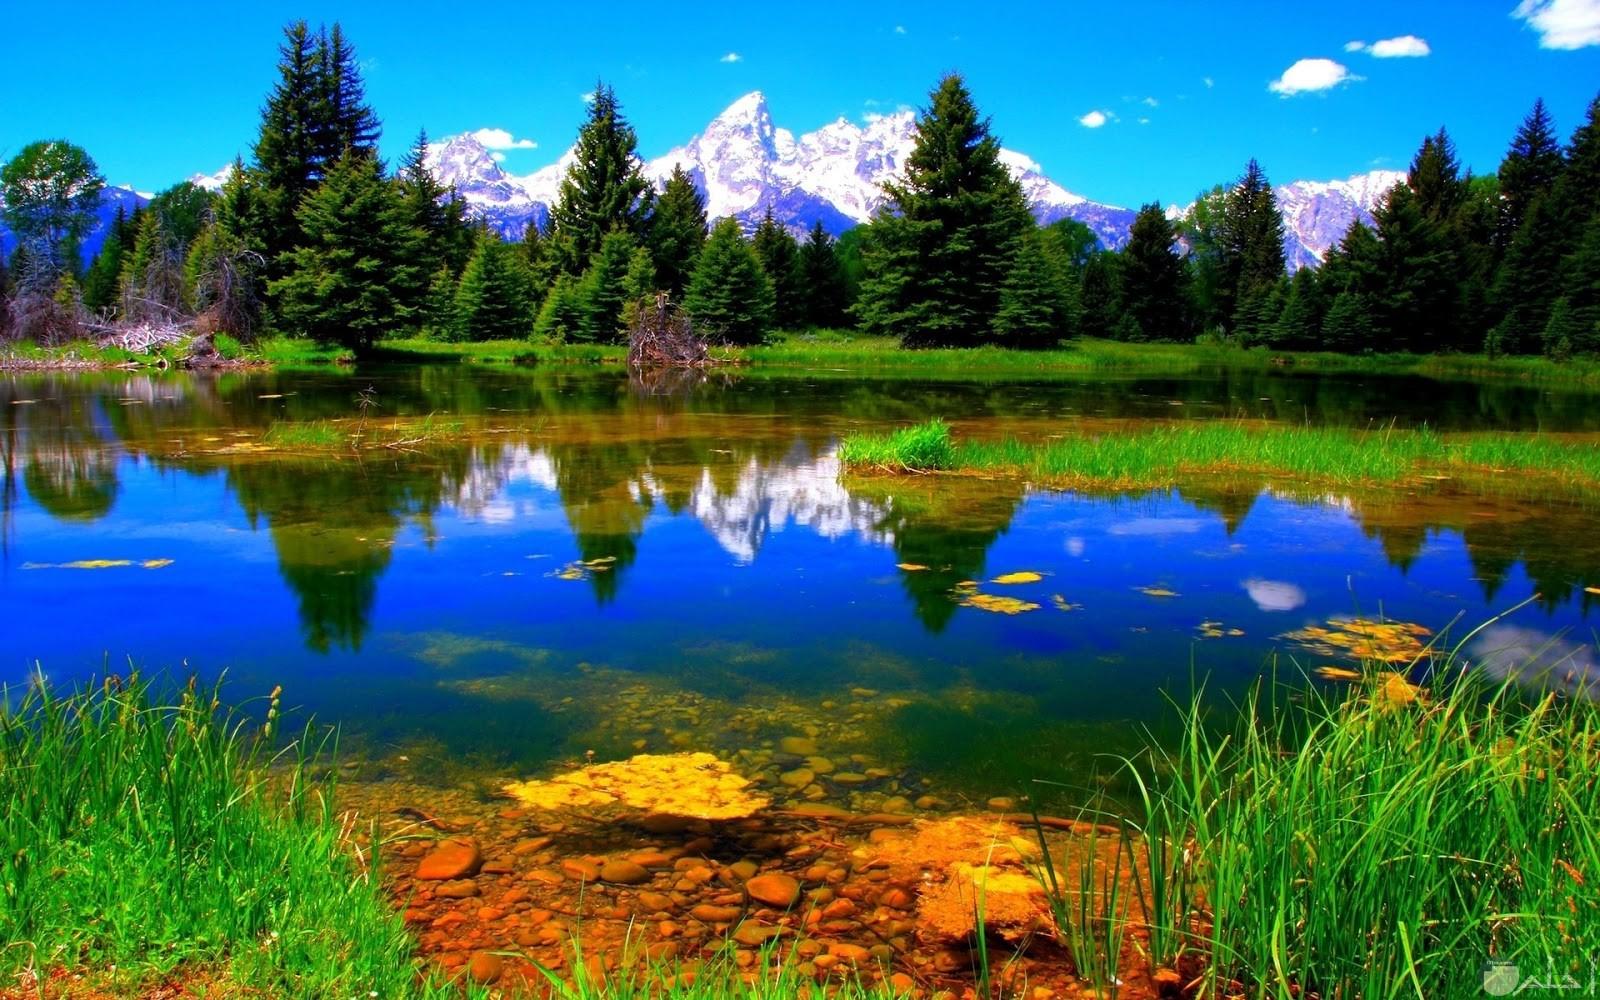 من اجمل الصور الطبيعية